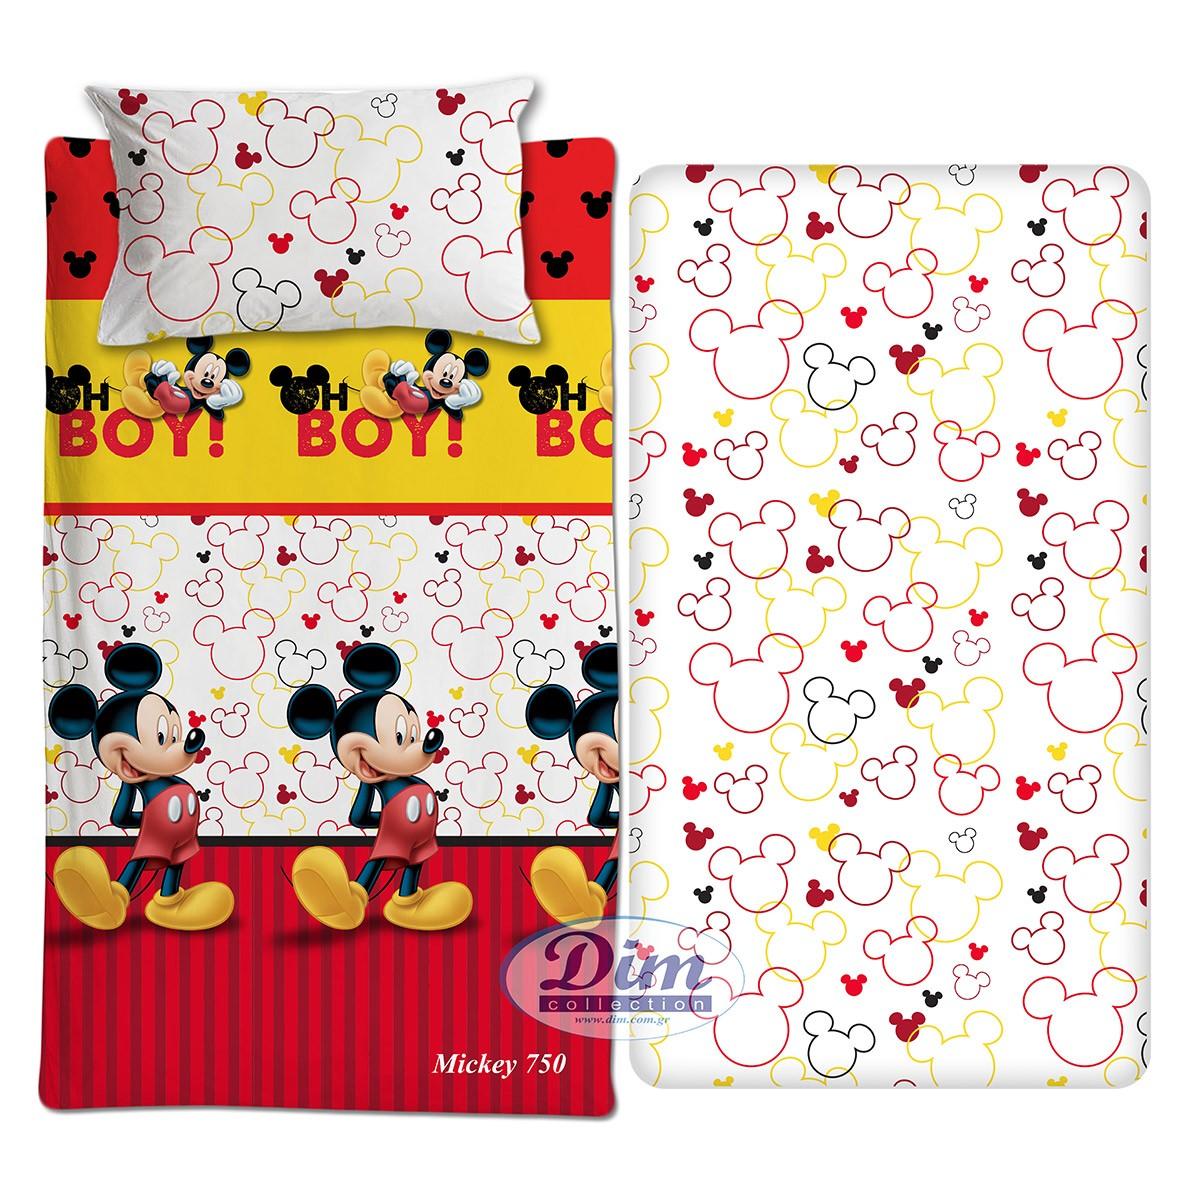 Σεντόνια Μονά (Σετ) Dim Collection Mickey 750